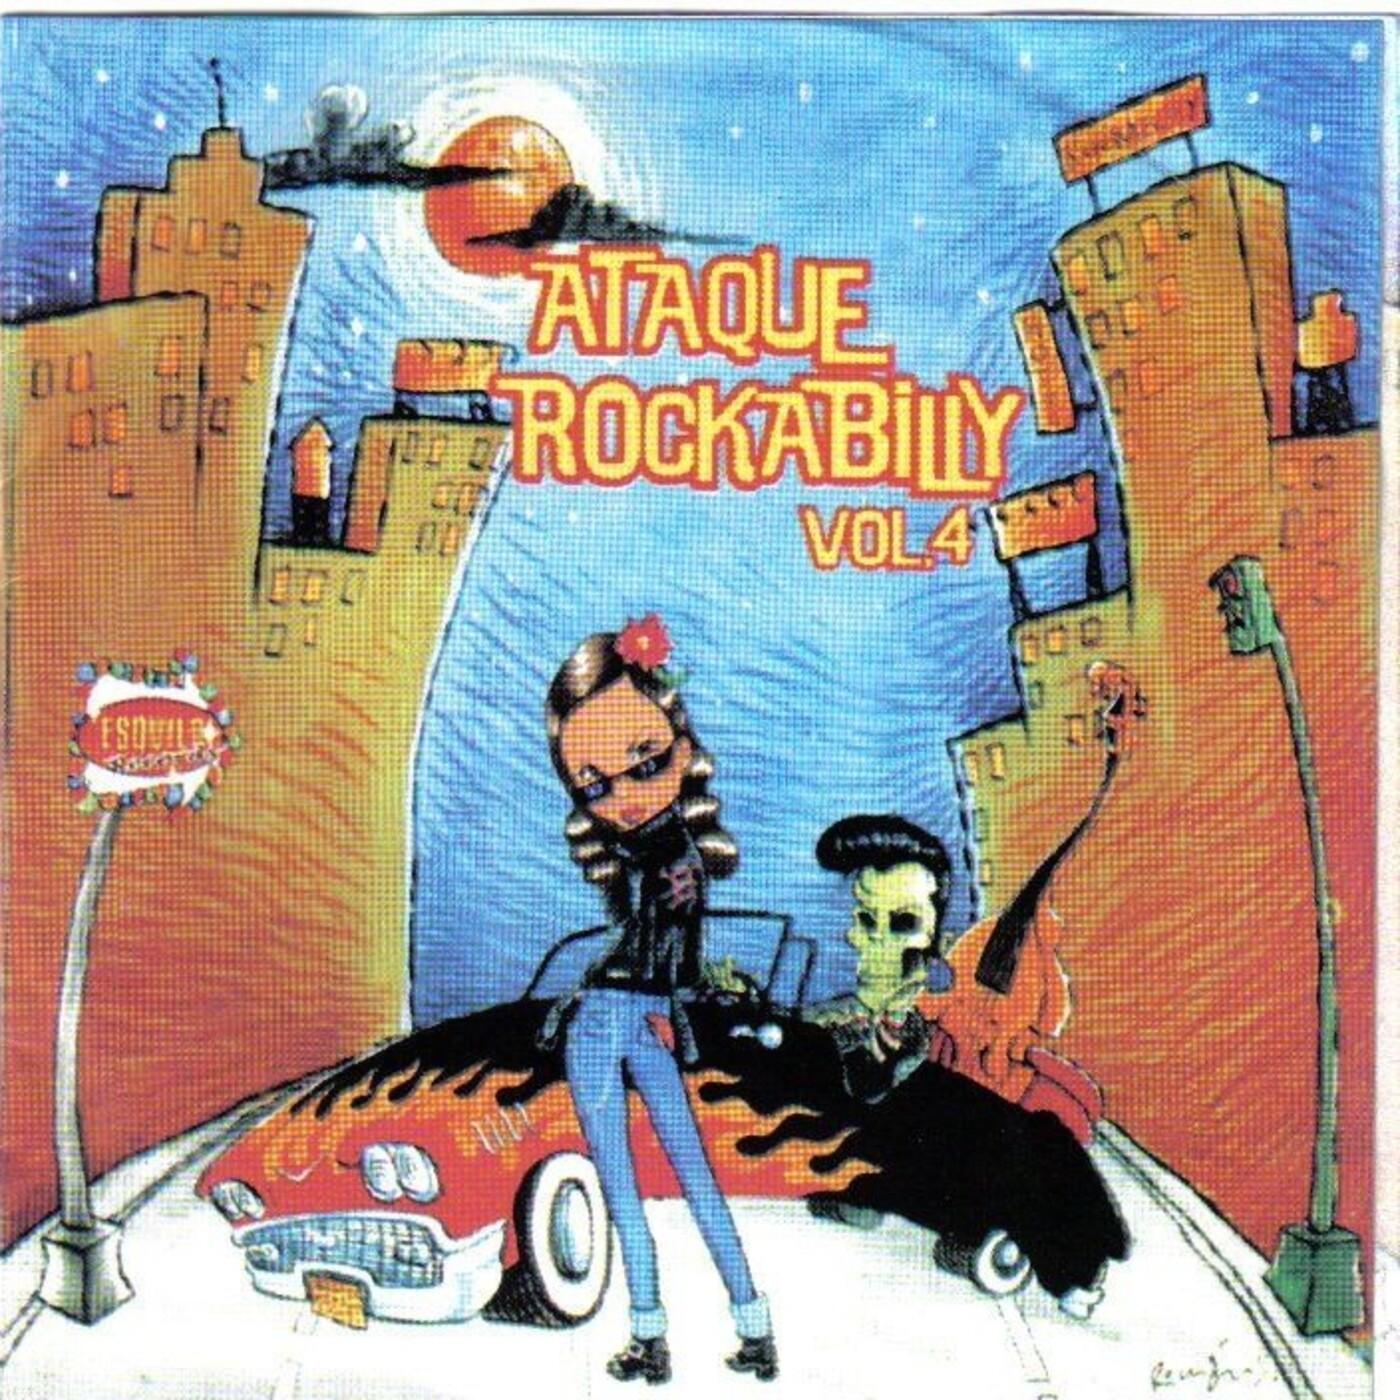 Ataque Rockabilly Vol. 4